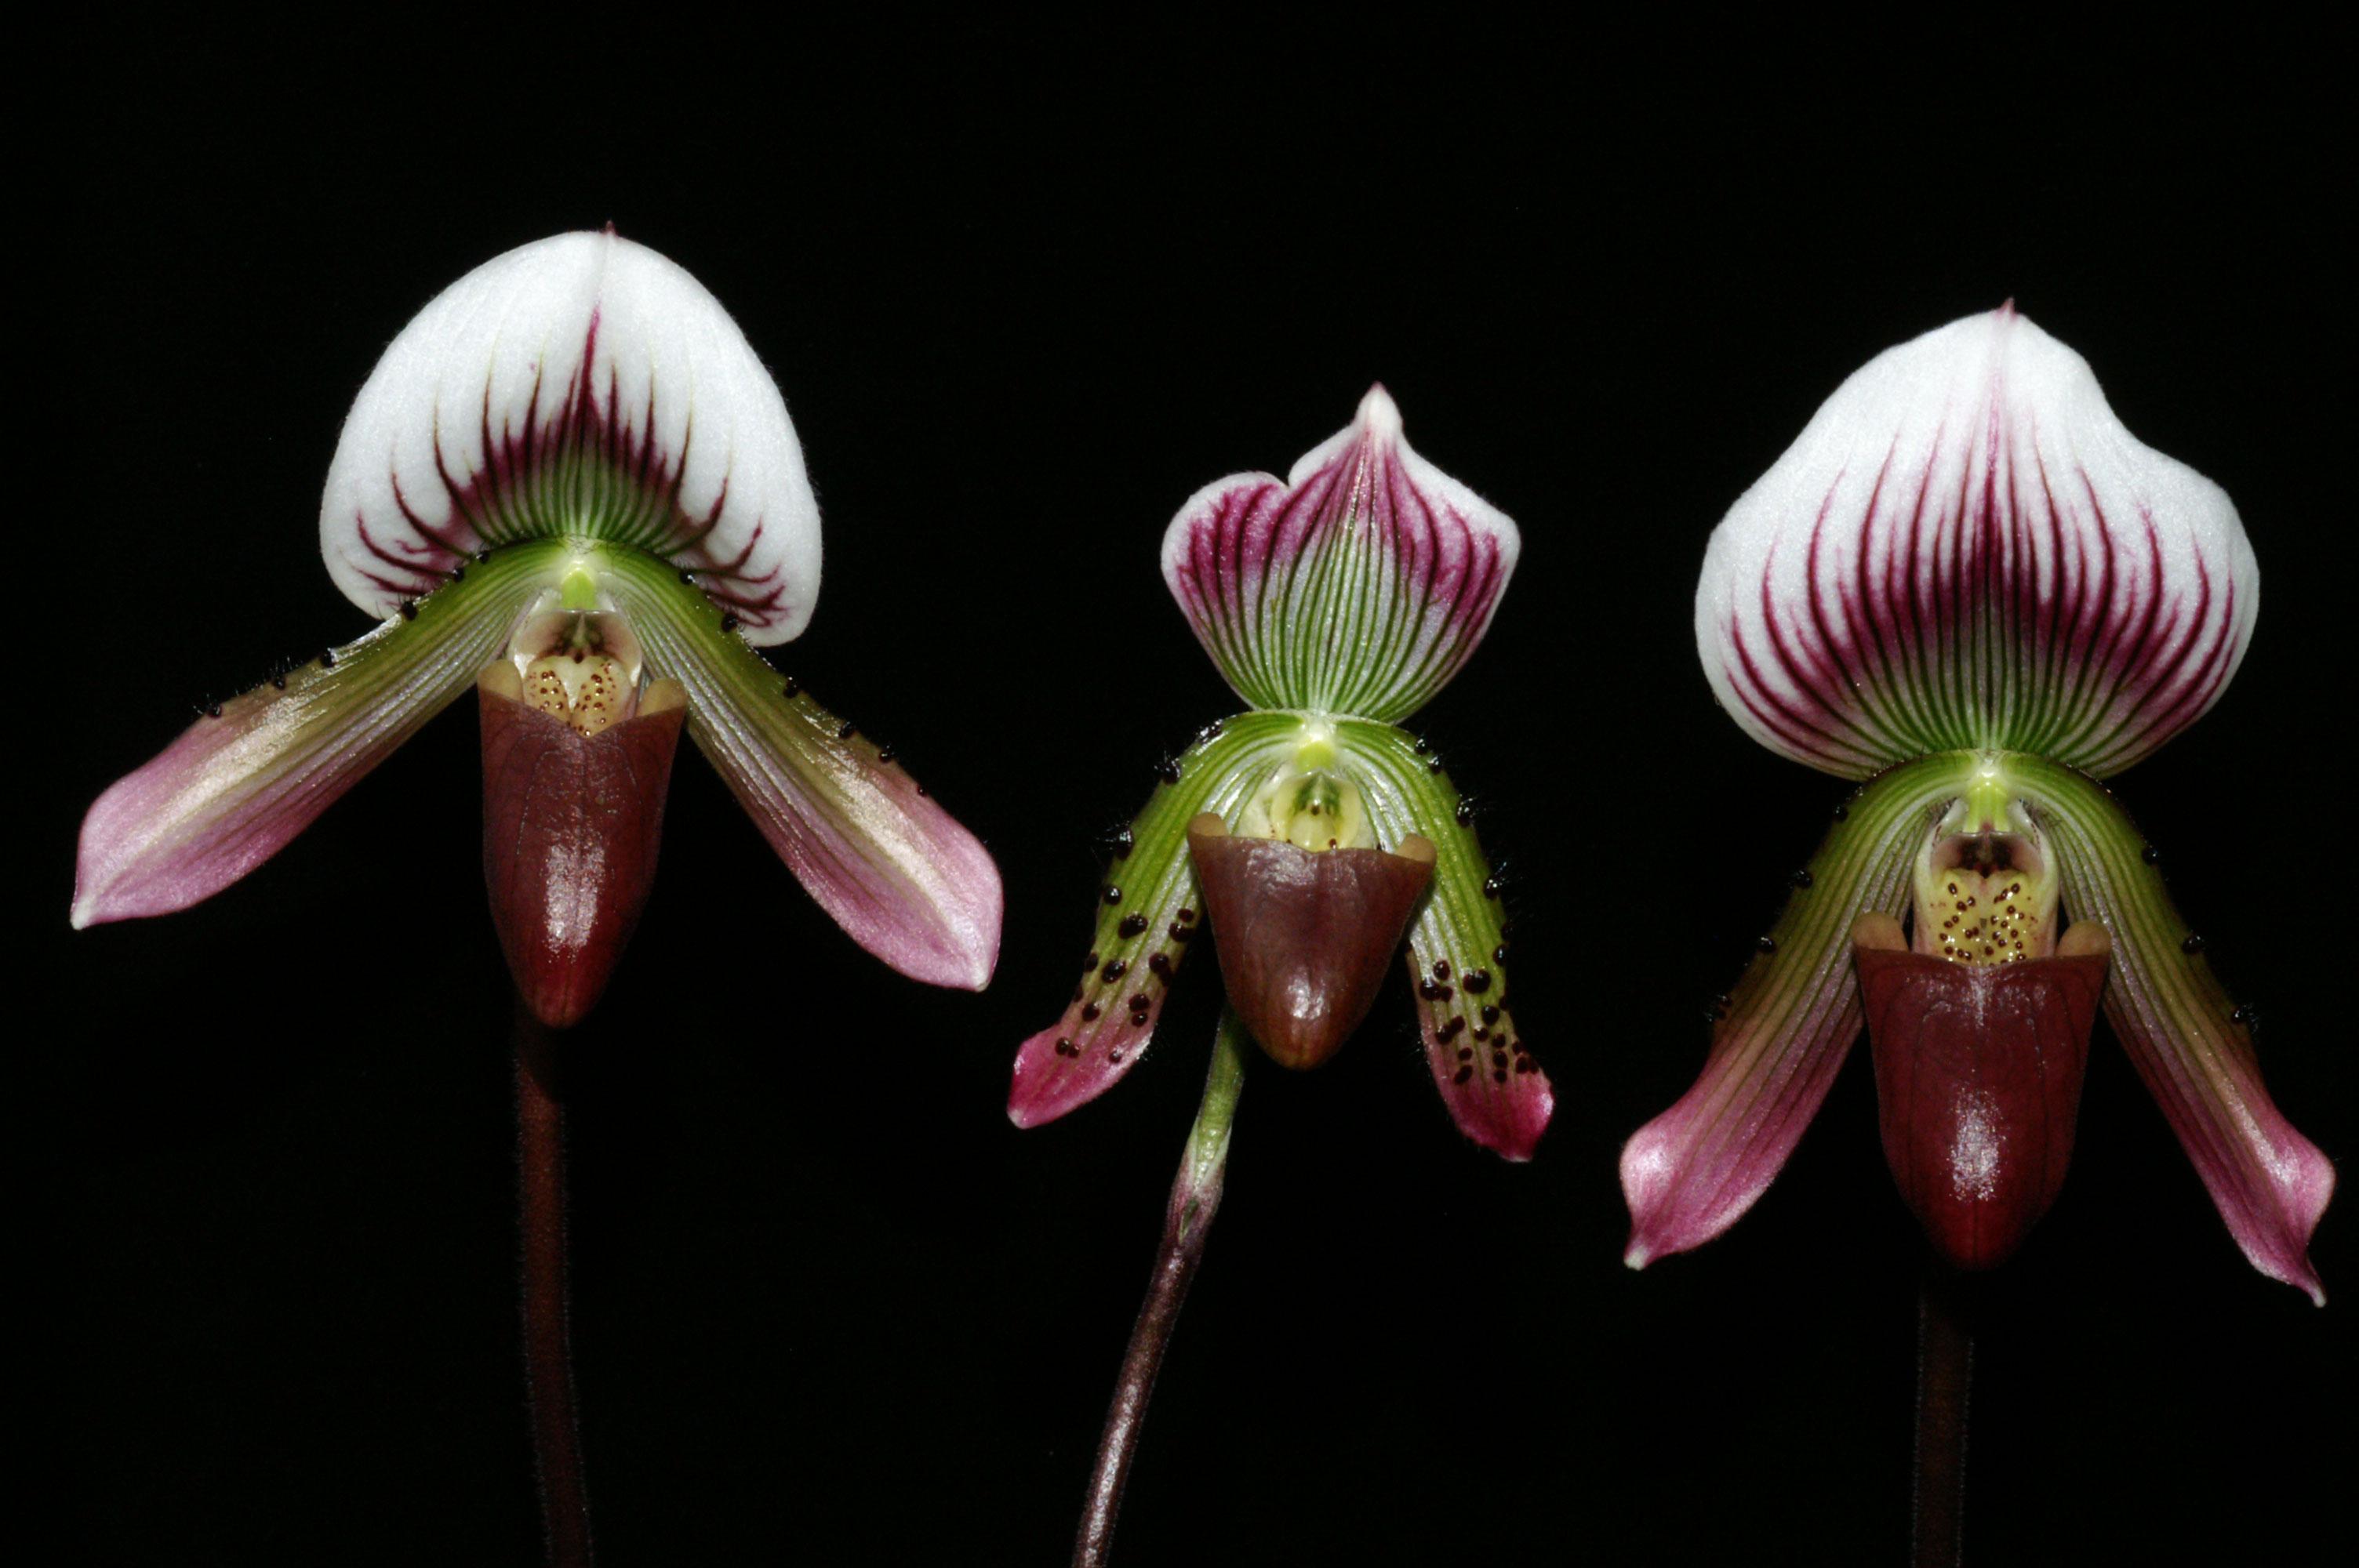 La position des verrucosités ainsi que la taille et la forme des fleurs de Paph. callosum ne sont pas des critères discriminants pour séparer les taxons en raison des nombreuses formes intermédiaires, H. Perner.